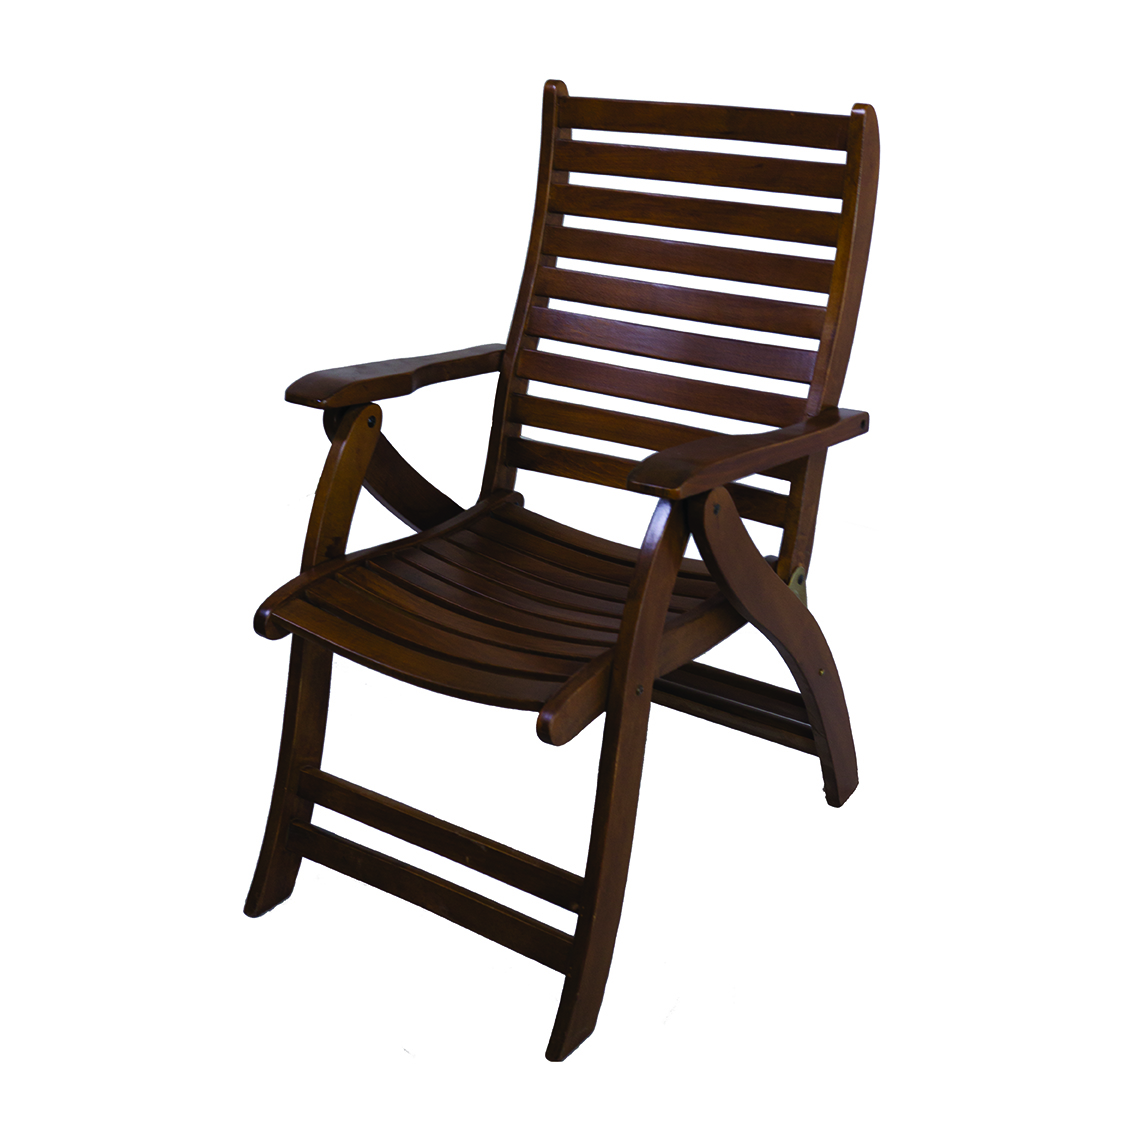 Gürgen ağacının mobilya alanında kullanımı